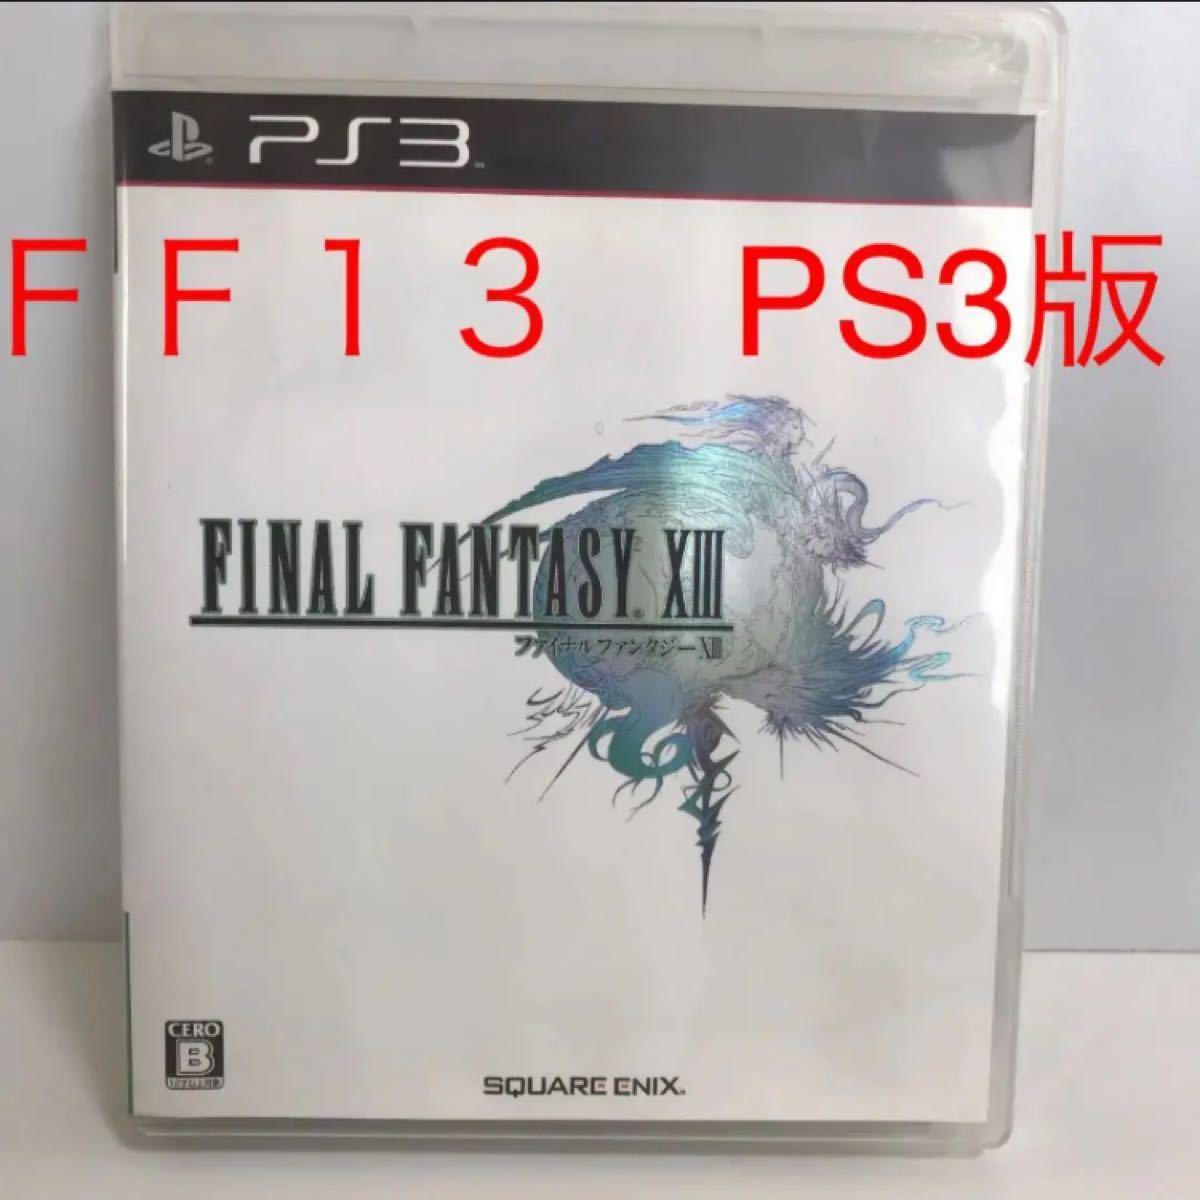 ◆期間限定セール!!ファイナルファンタジー XIII ff13 PS3 FF13